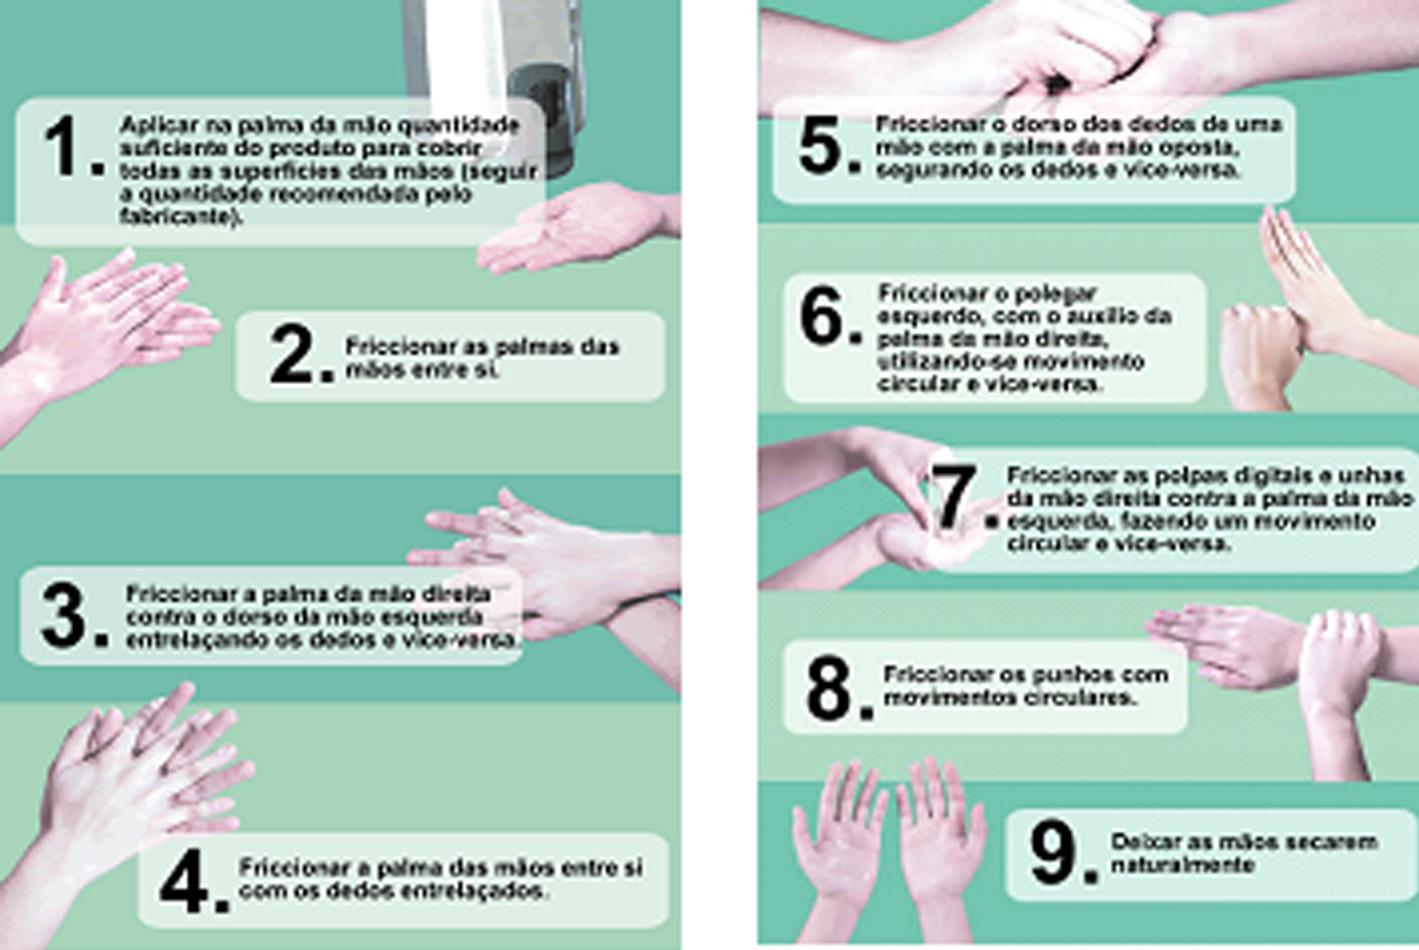 Famosos A REVOLUÇÃO NA ARTE DE LAVAR: Higiene das mãos GU19